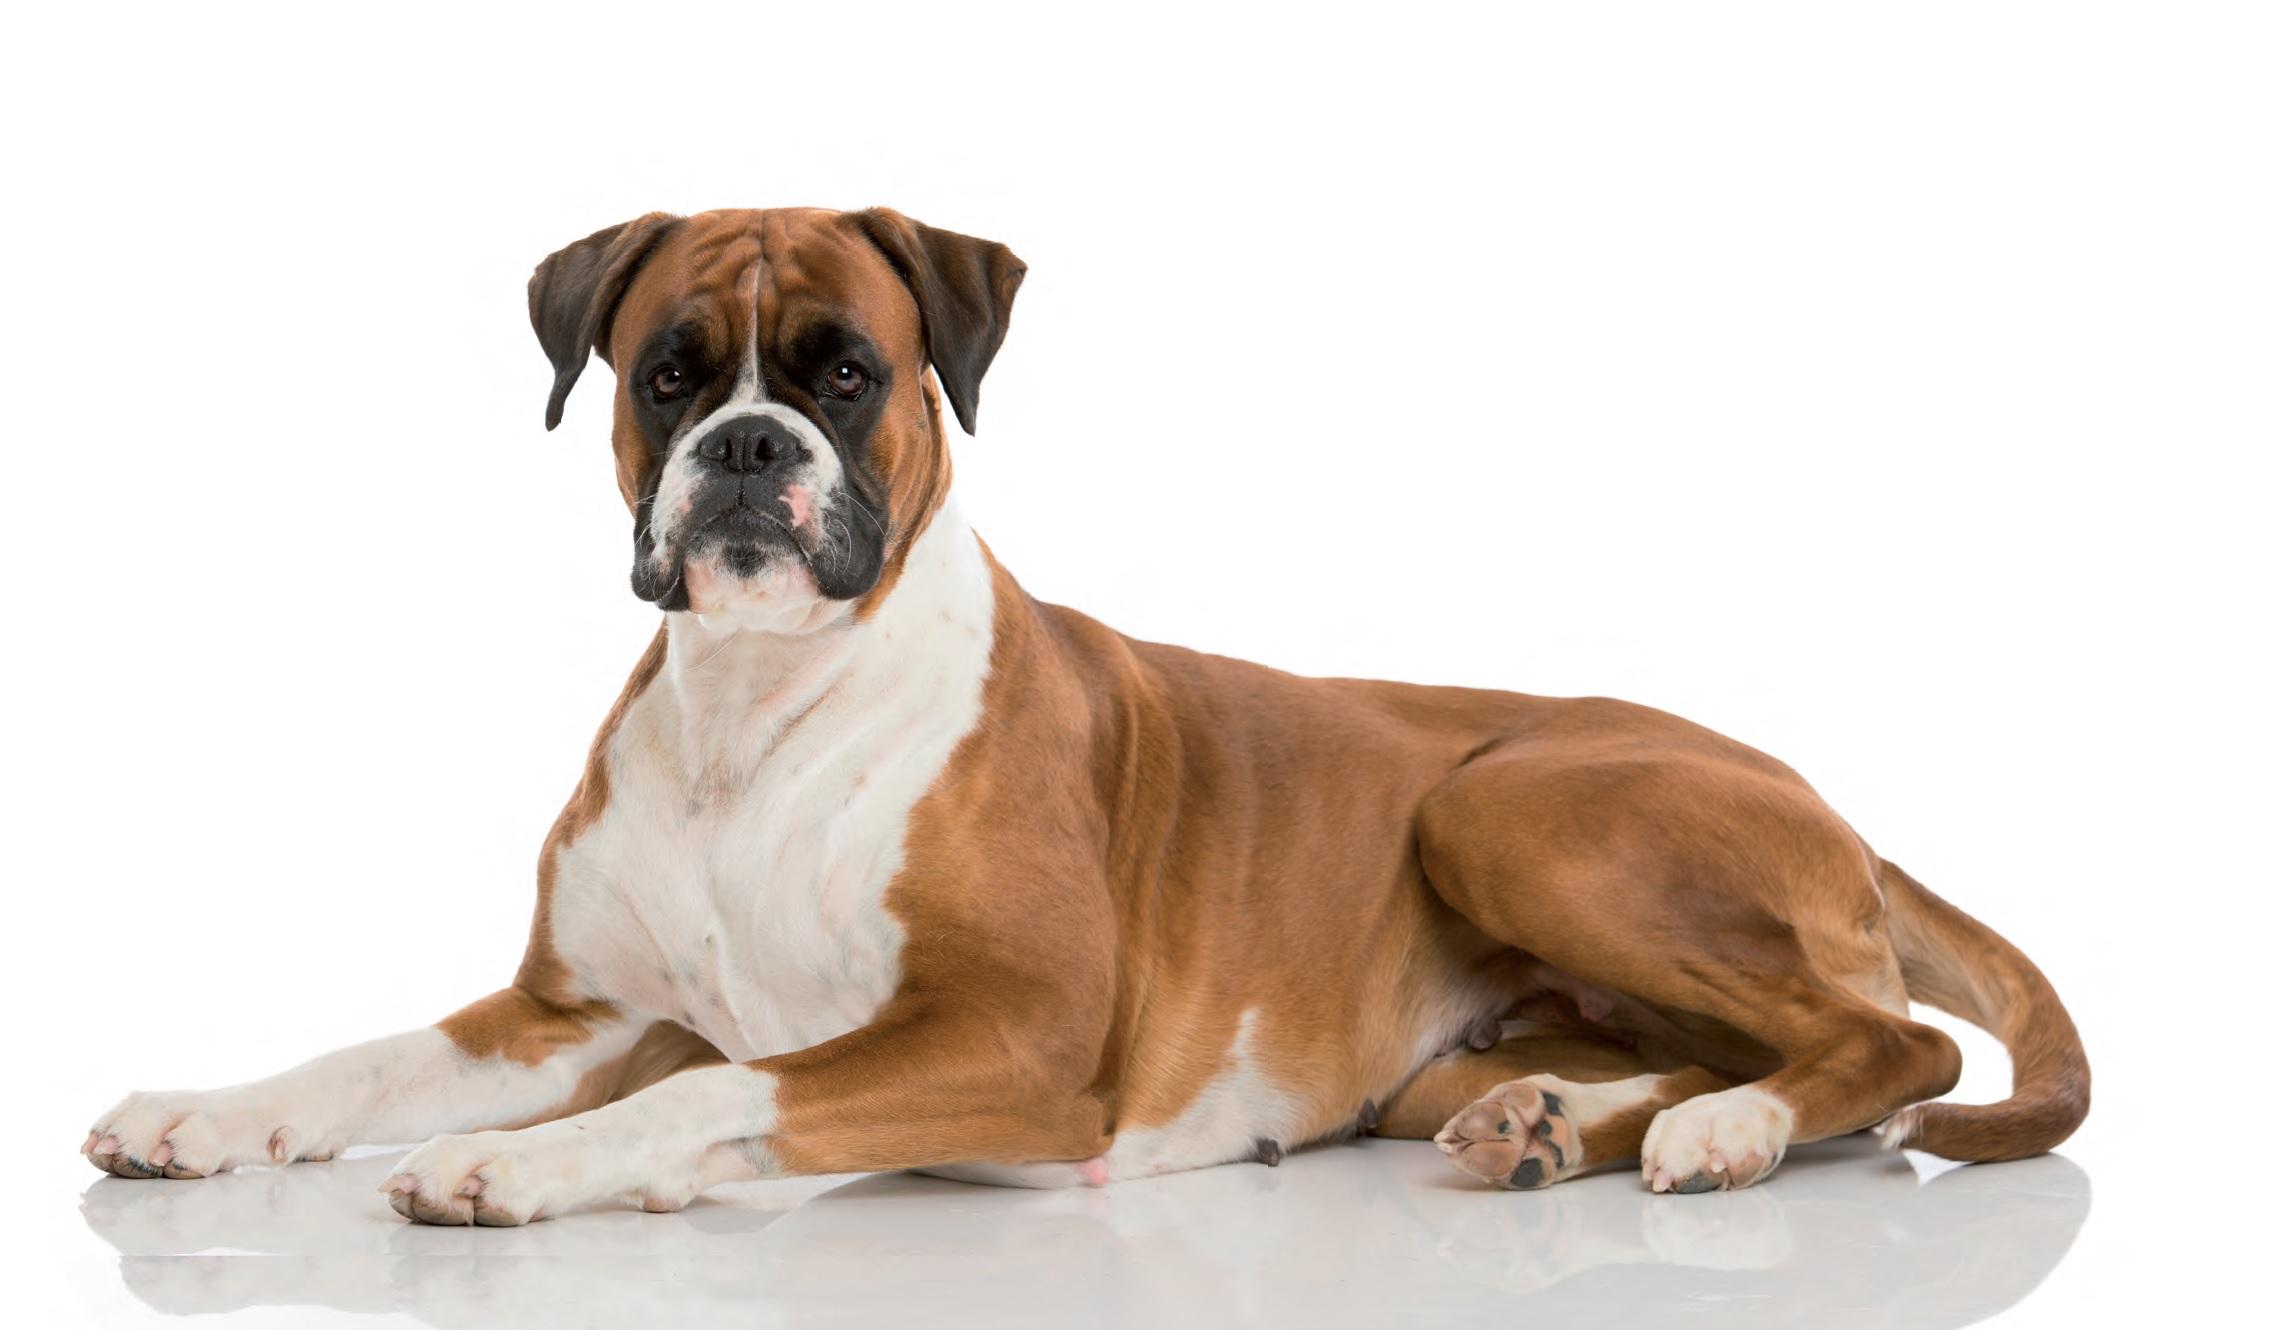 Boxer Dog Photos For Sale